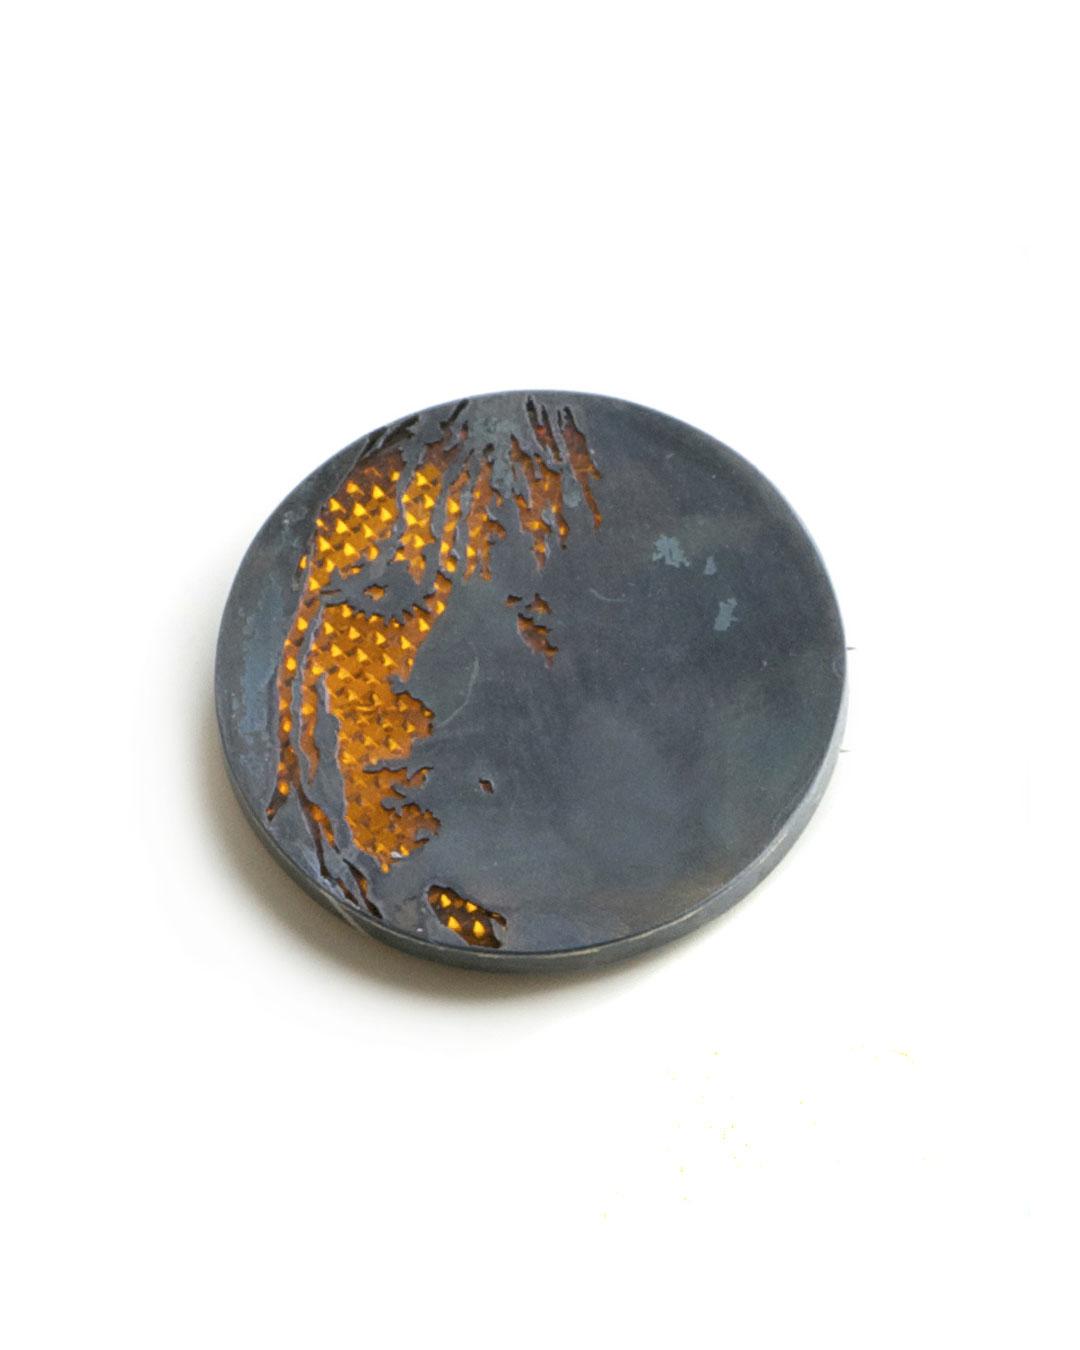 Vera Siemund, untitled, 2009, brooch; iron, plastic, silver, ø 55-60 mm, €470